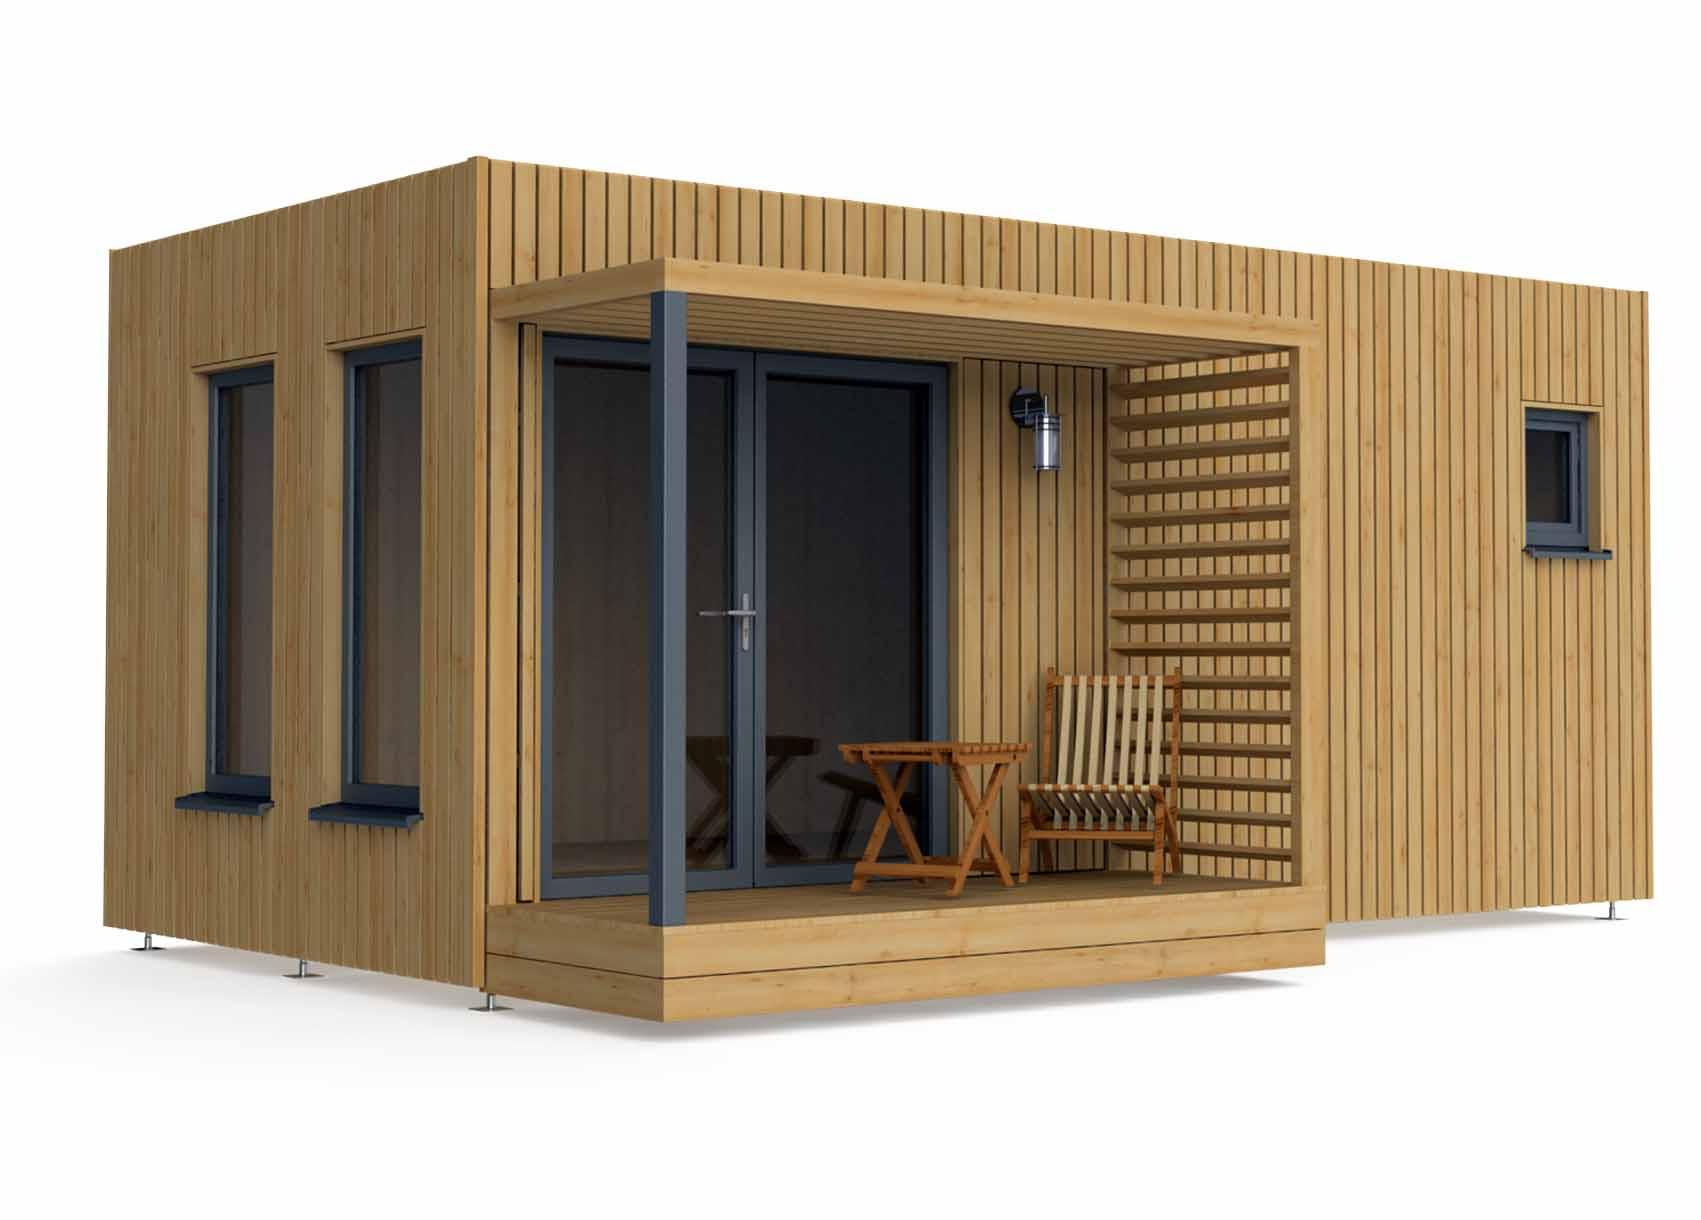 Bureau de jardin en bois de 20m2